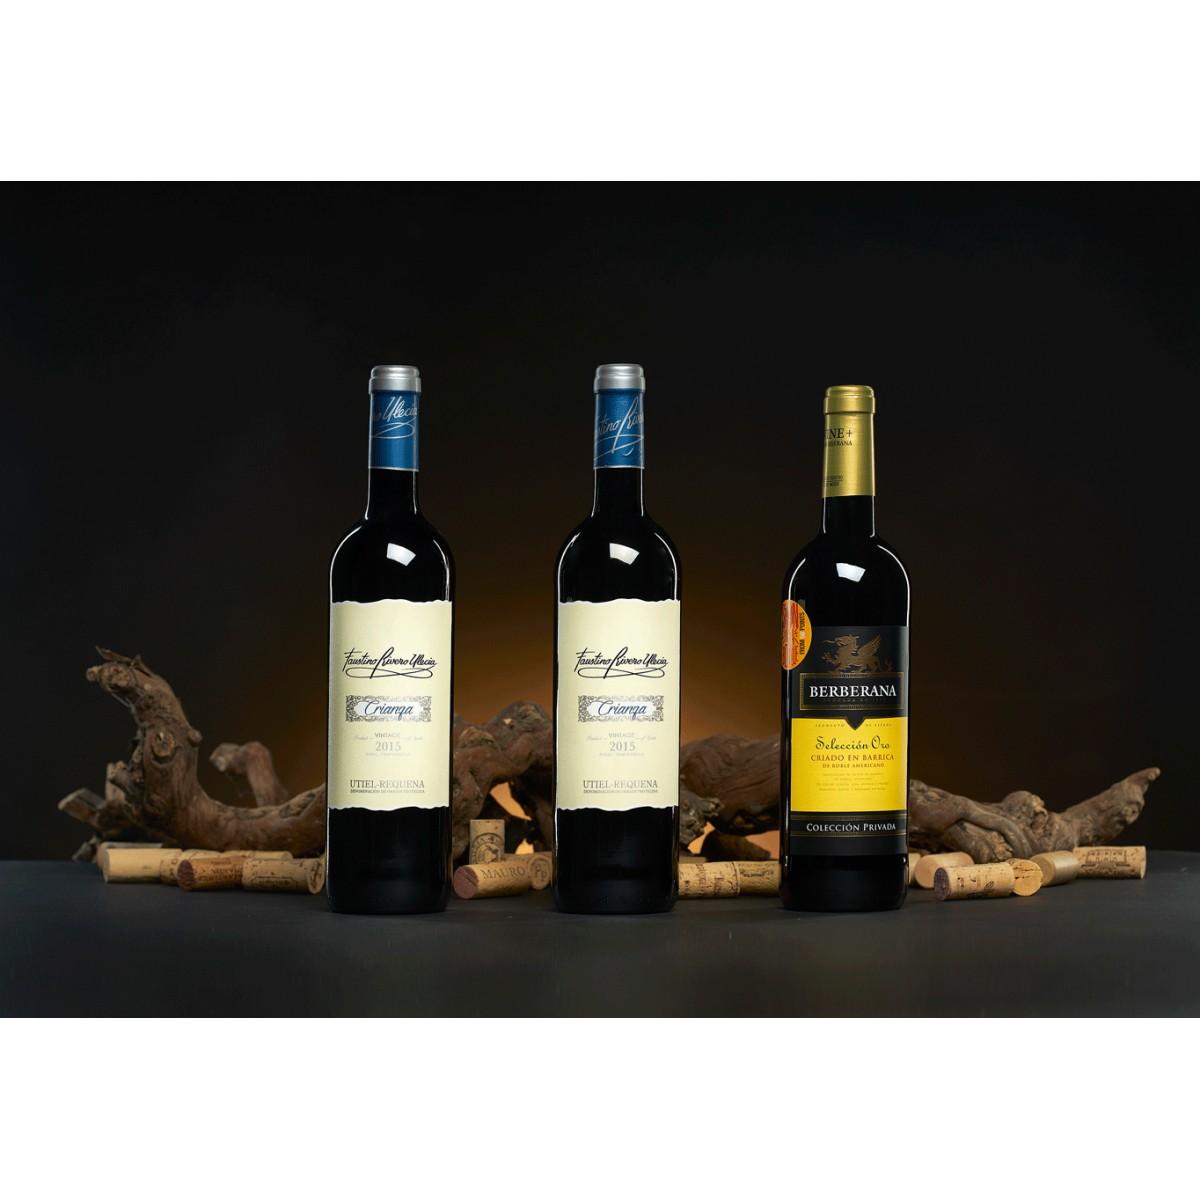 https://www.carneseleccion.com/9385-thickbox_default/seleccion-de-vinos-de-navidad-n-220.jpg